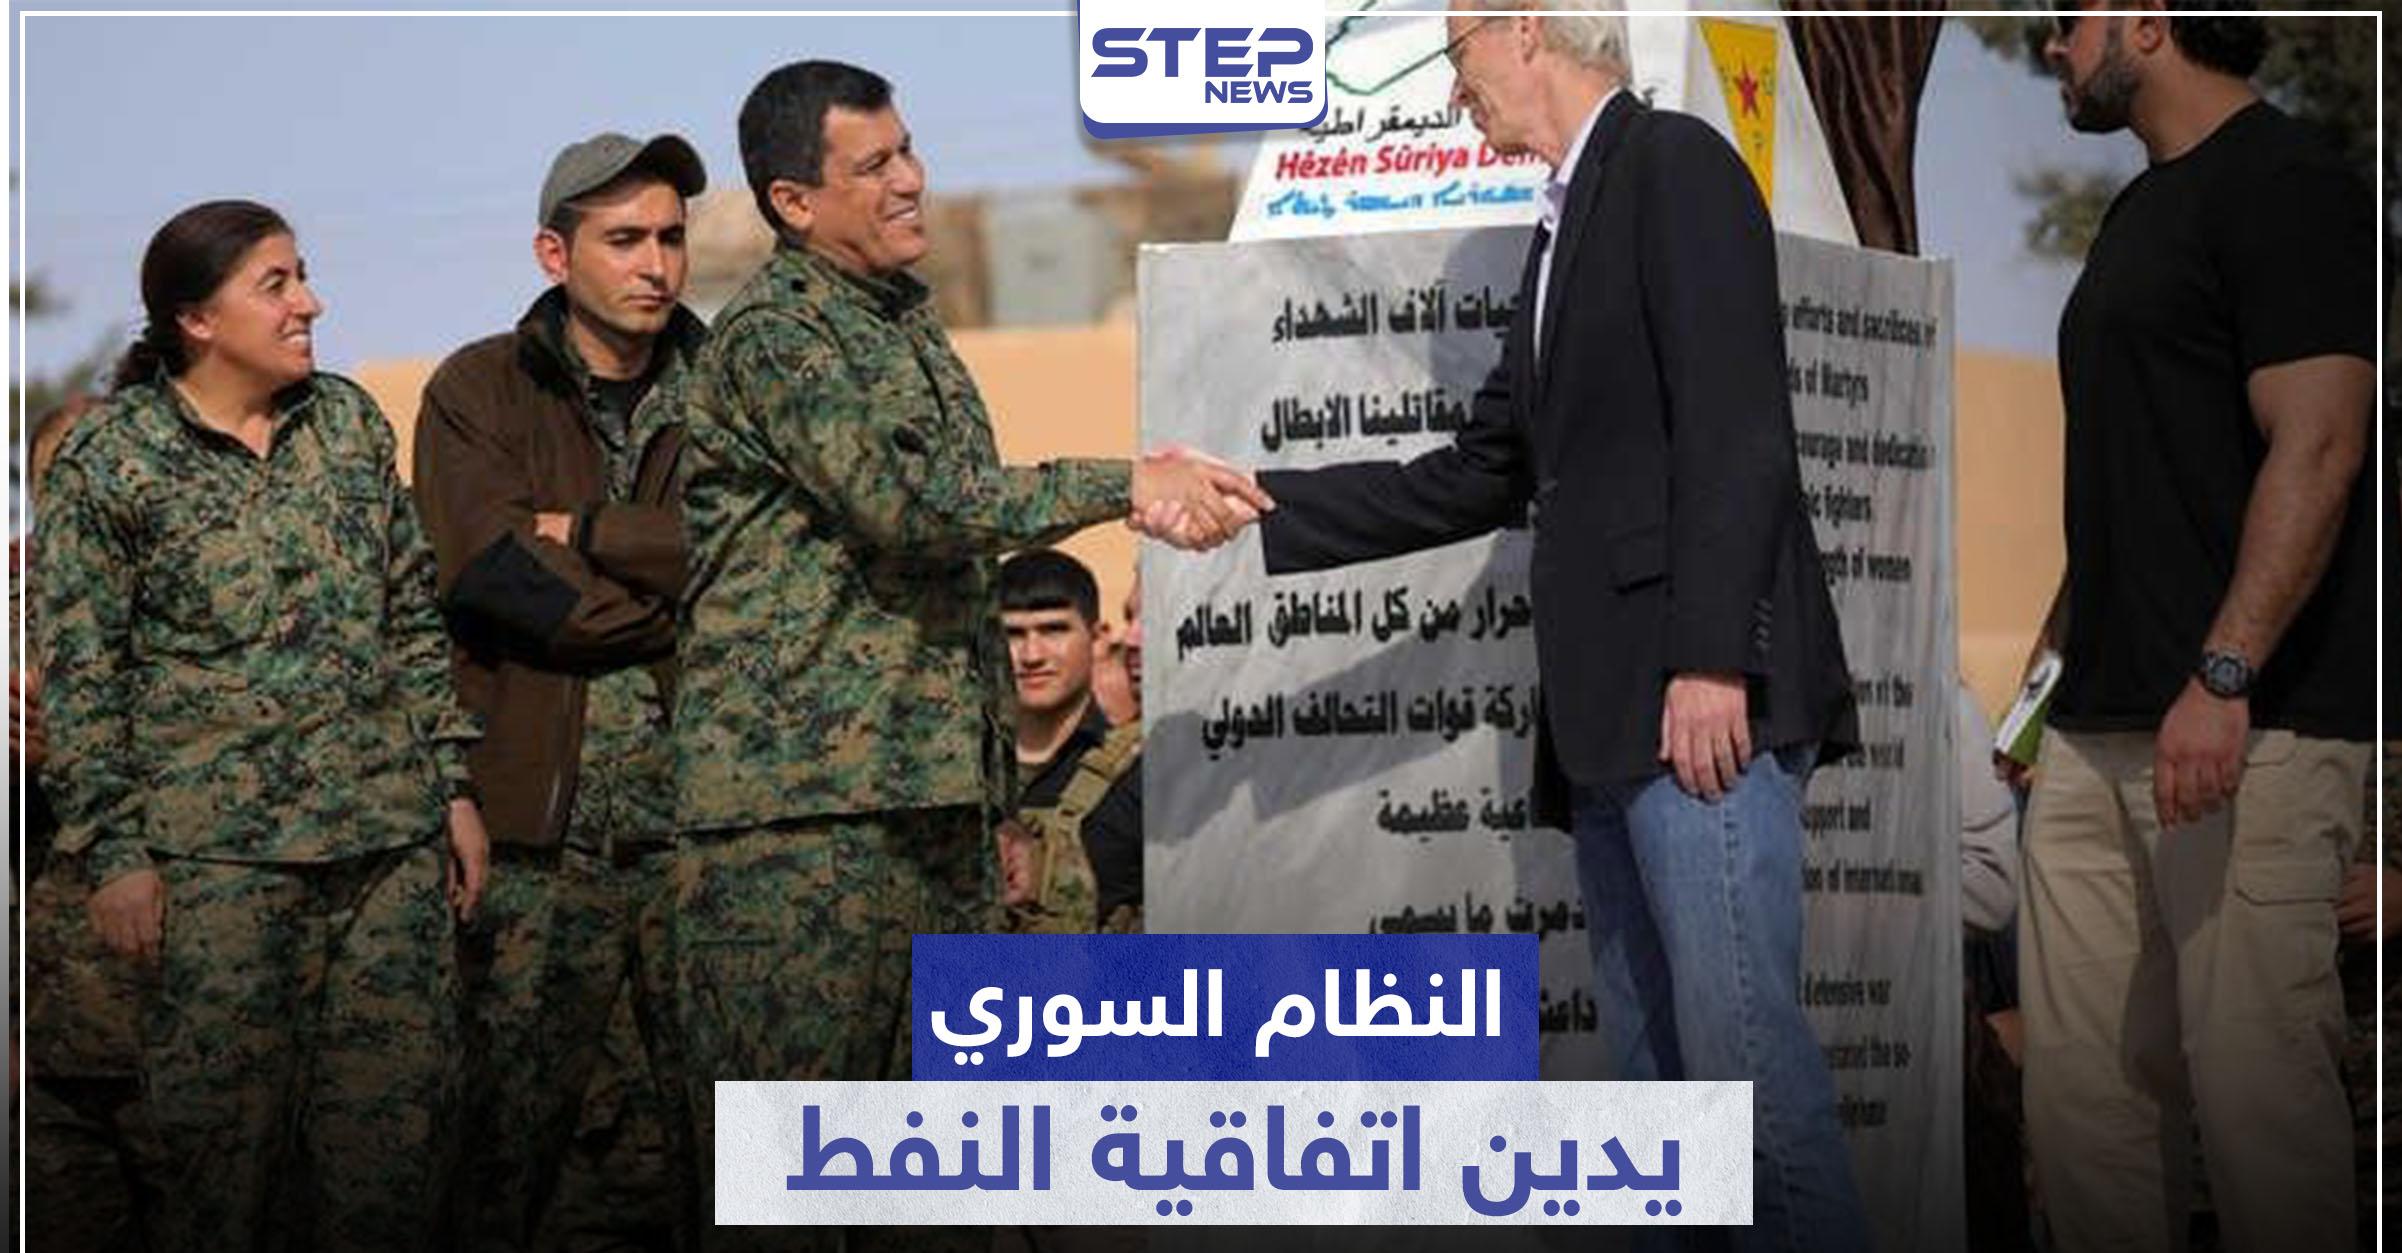 """النظام السوري يدين اتفاقية النفط بين """"قسد"""" وشركة أمريكية"""